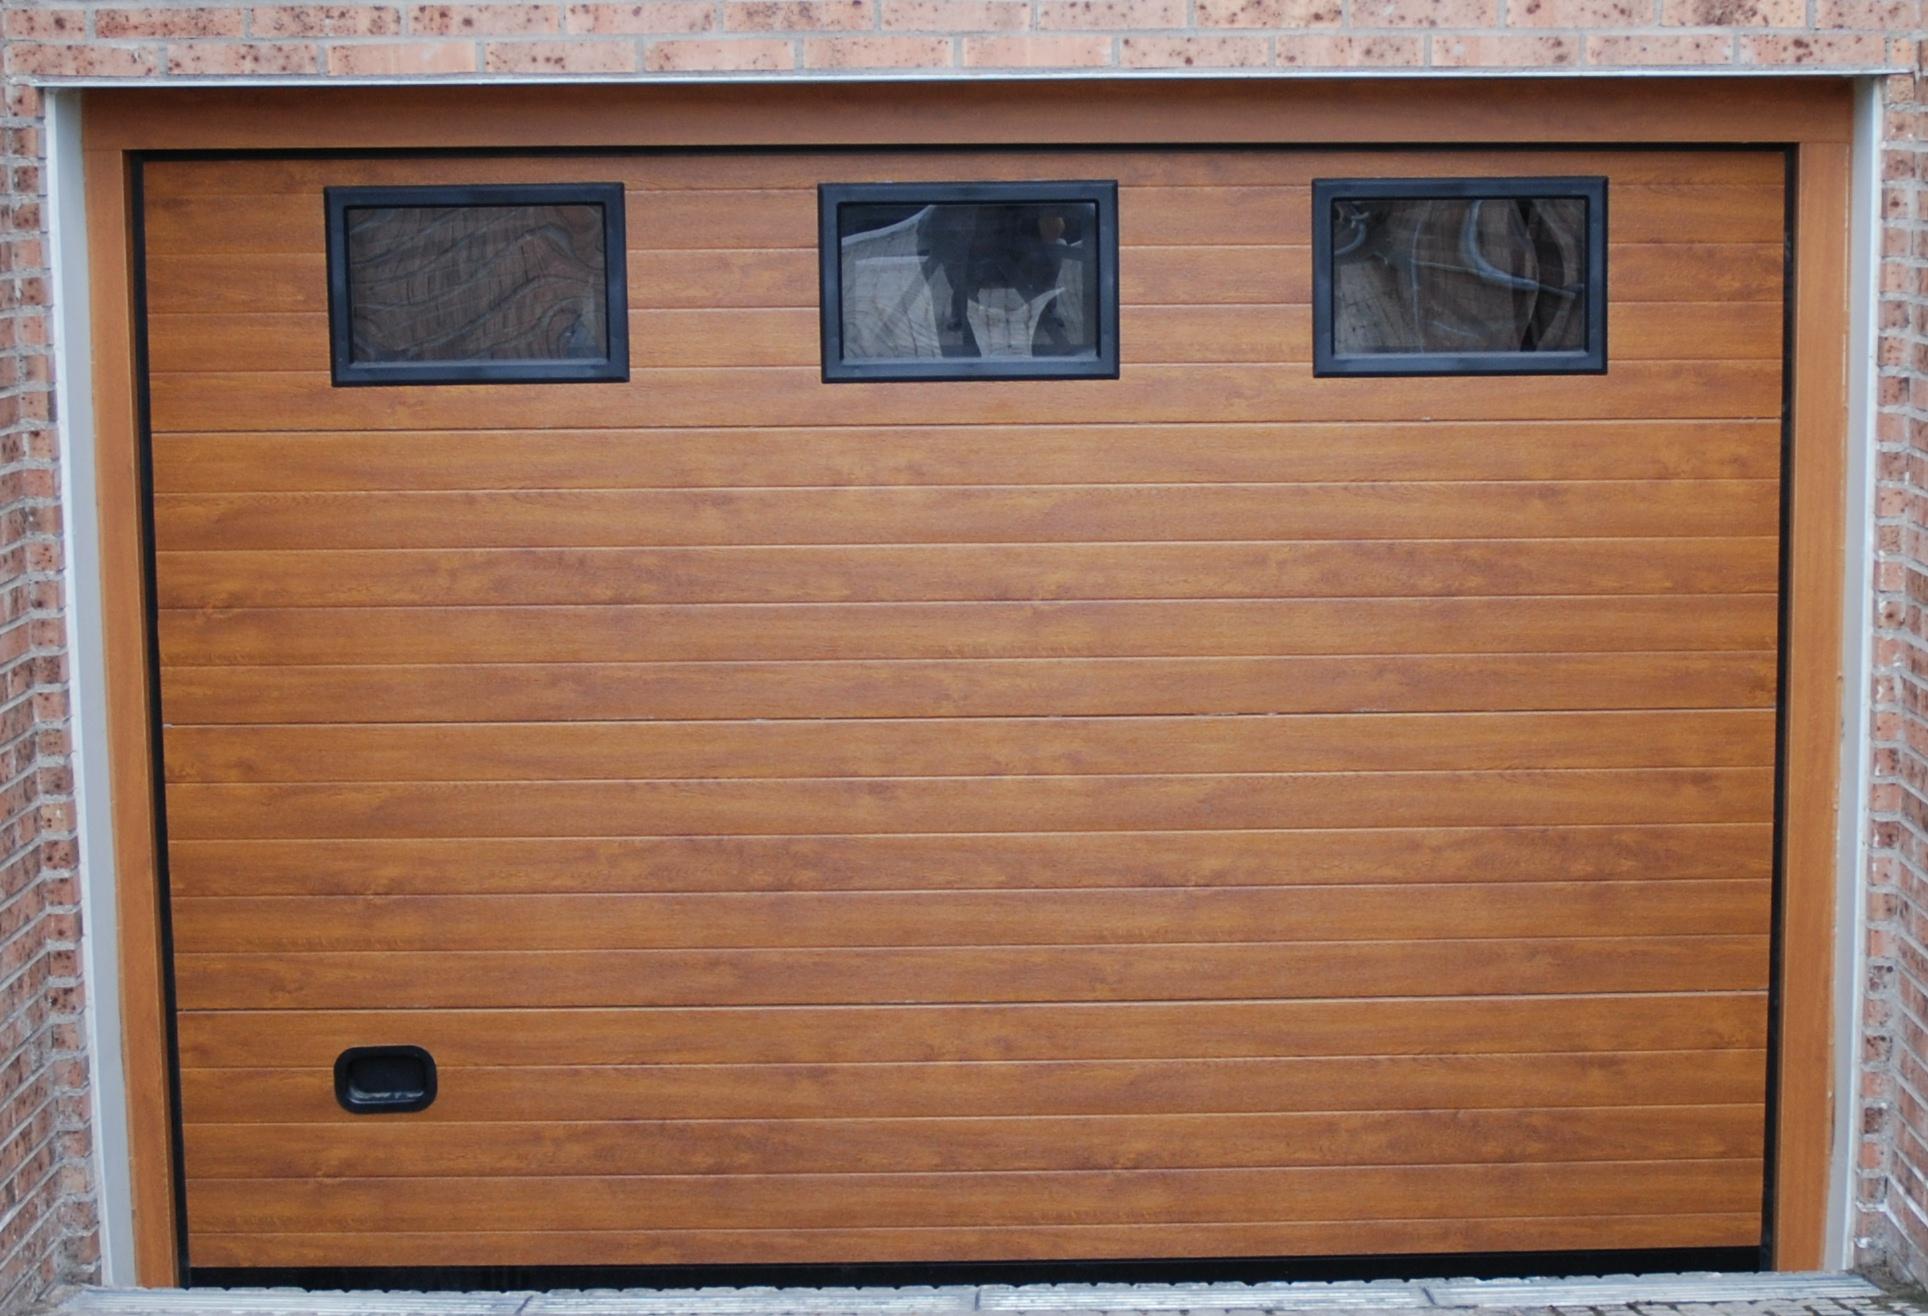 Iberica de puertas seccionales imitacion madera clara - Puertas de aluminio imitacion madera ...